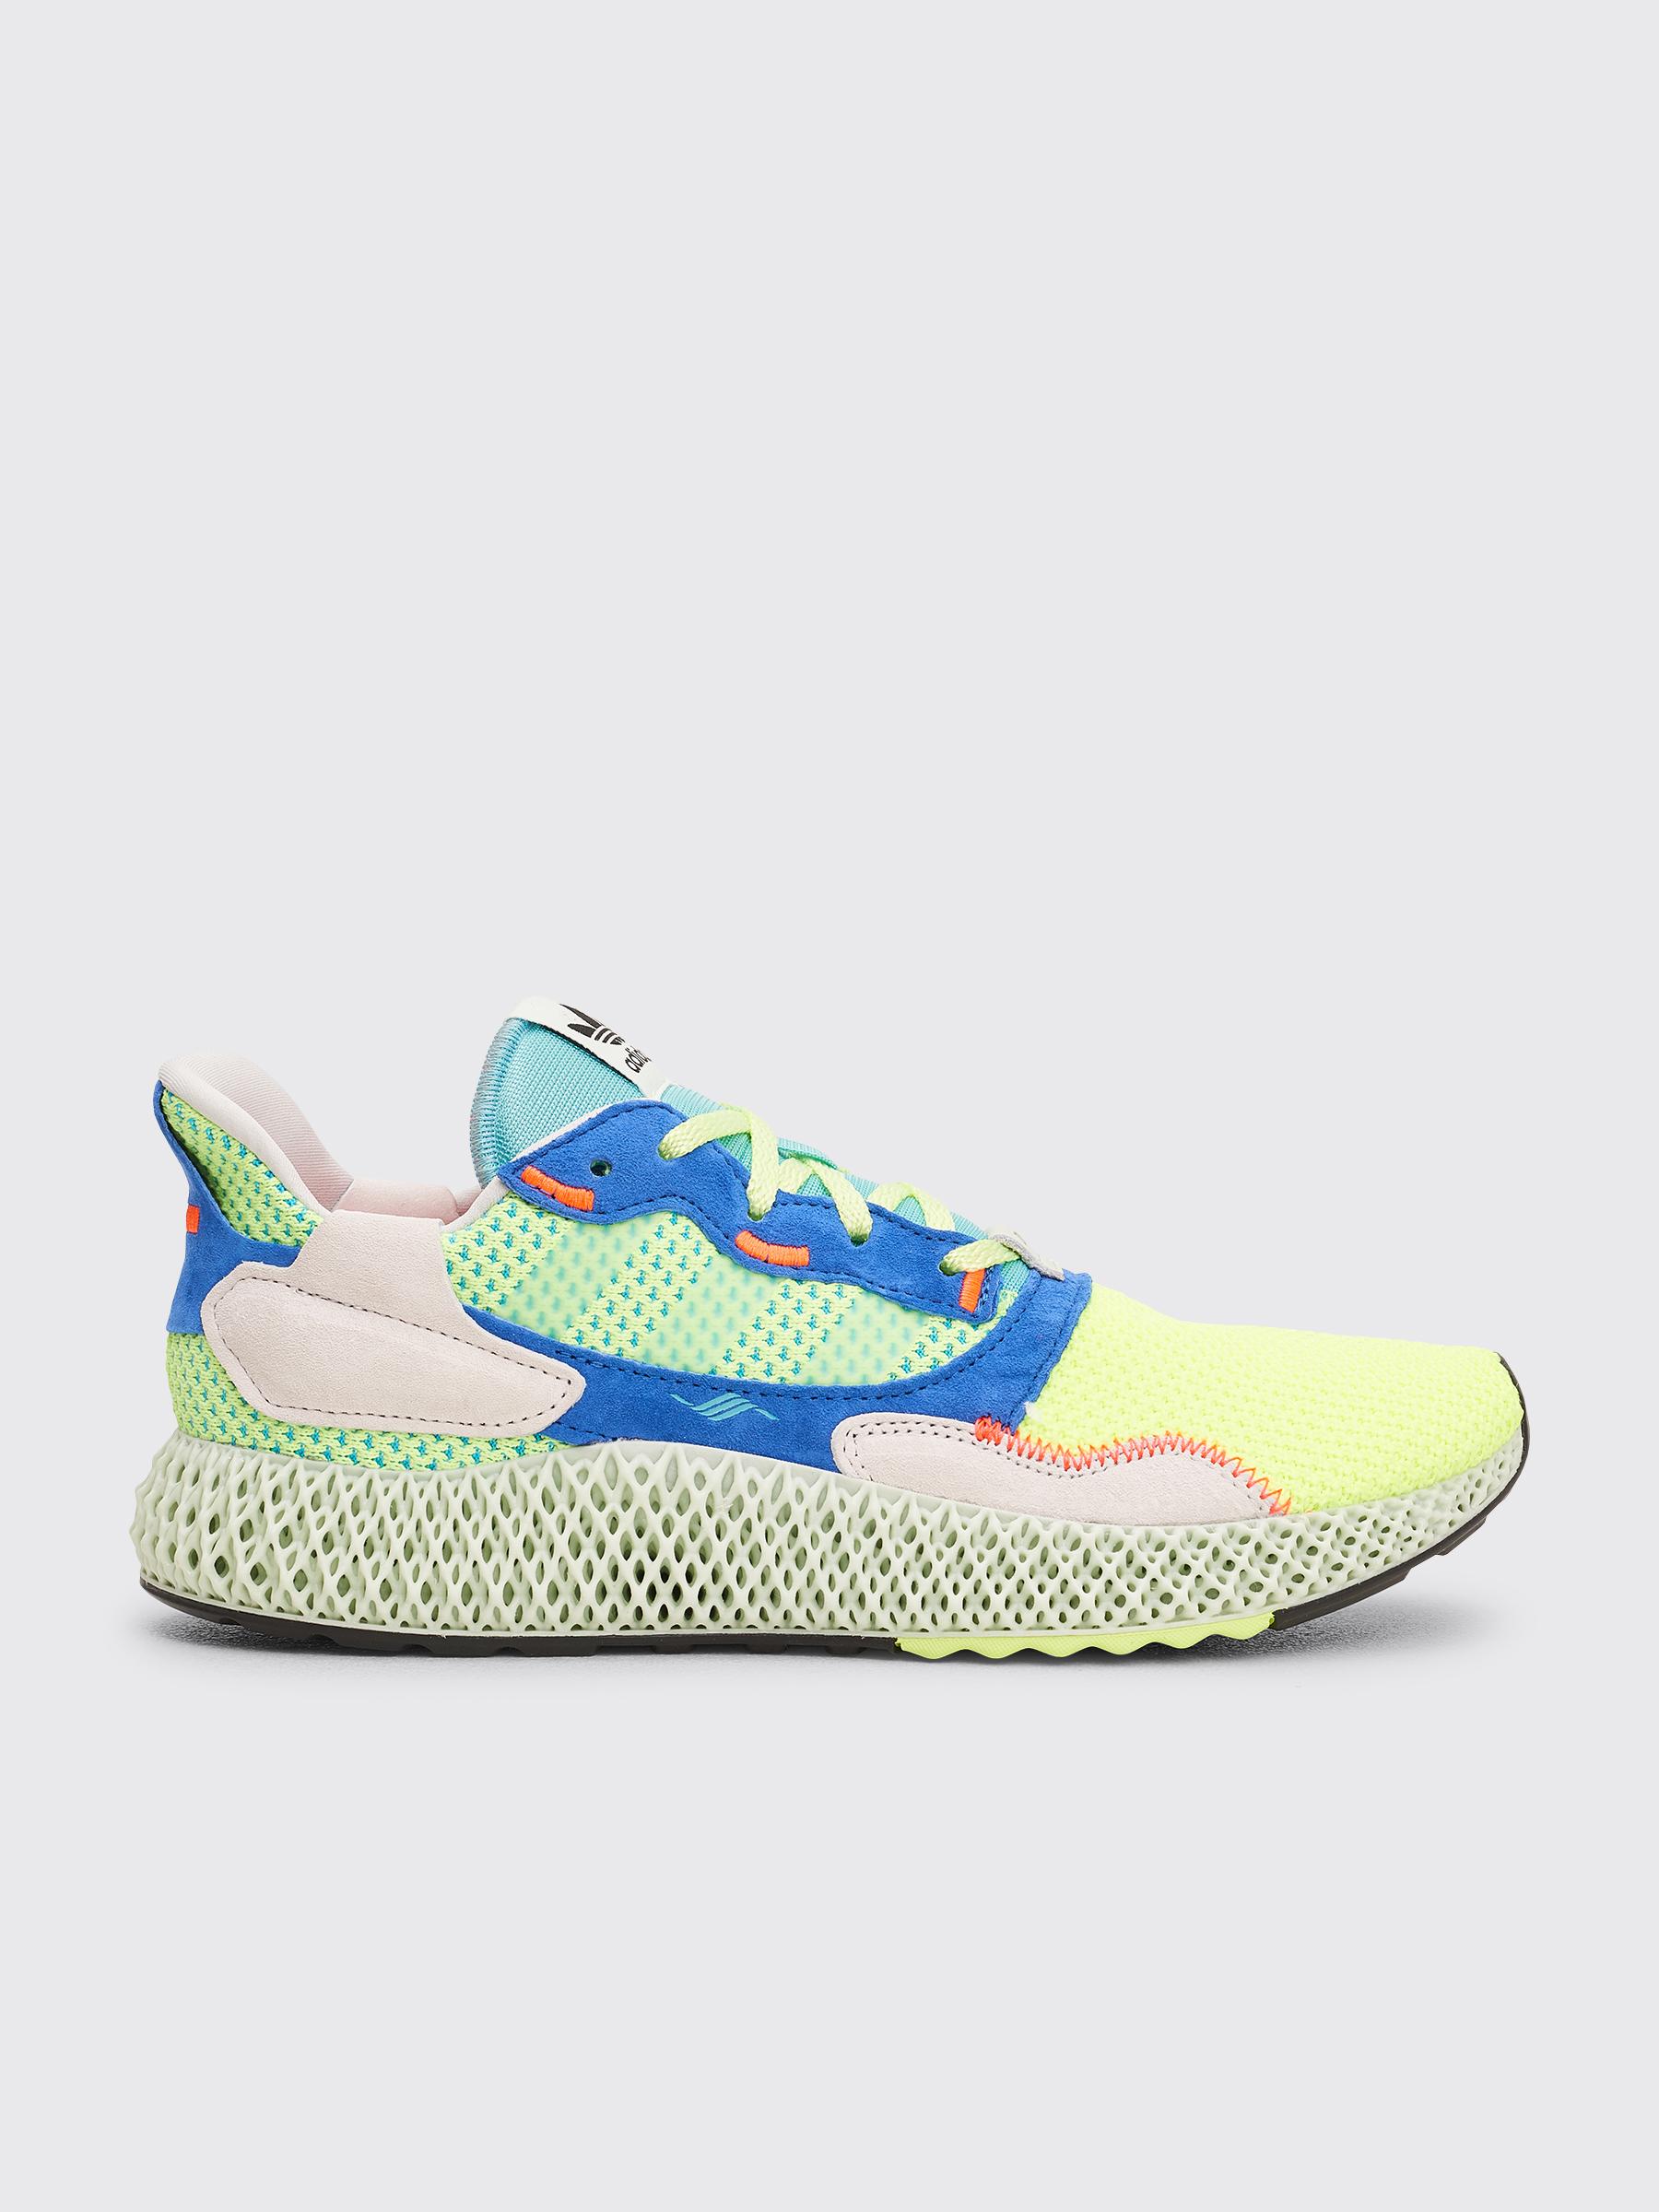 adidas zx 4000 consortium runner 4d